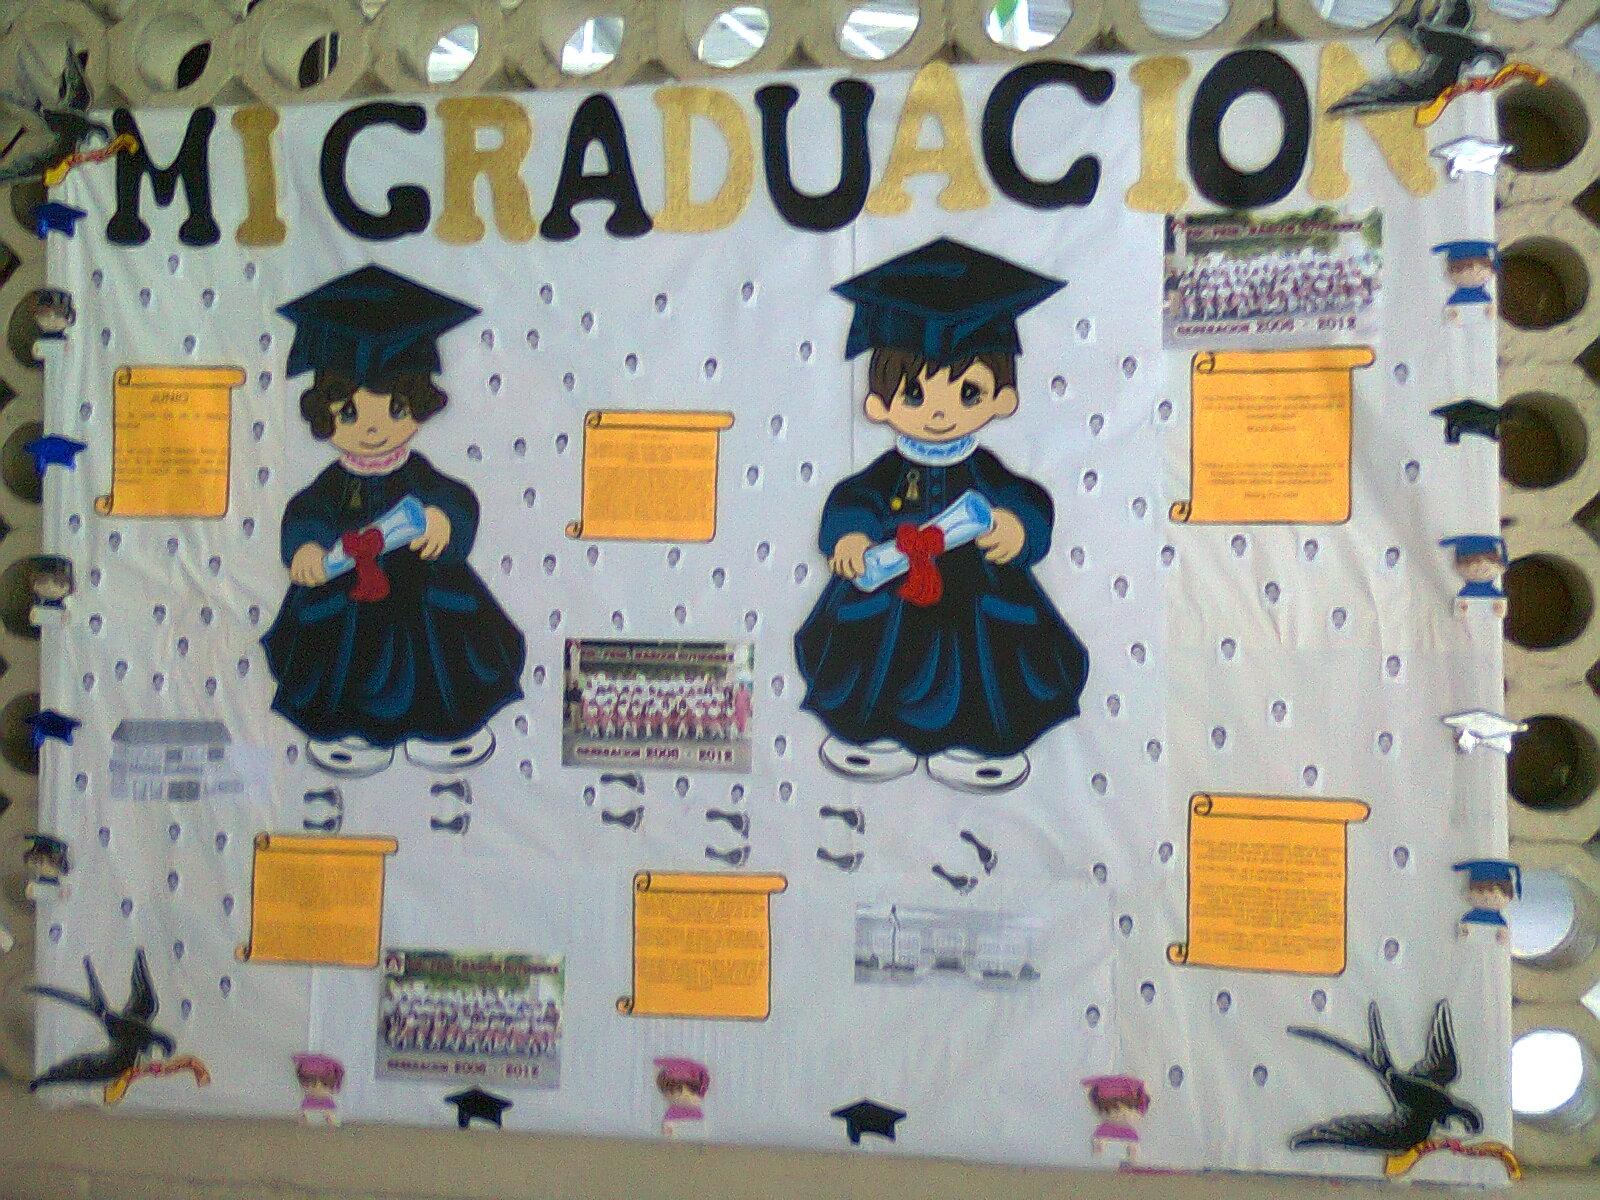 Periodico mural escolar mes de julio peru periodico for Estructura del periodico mural